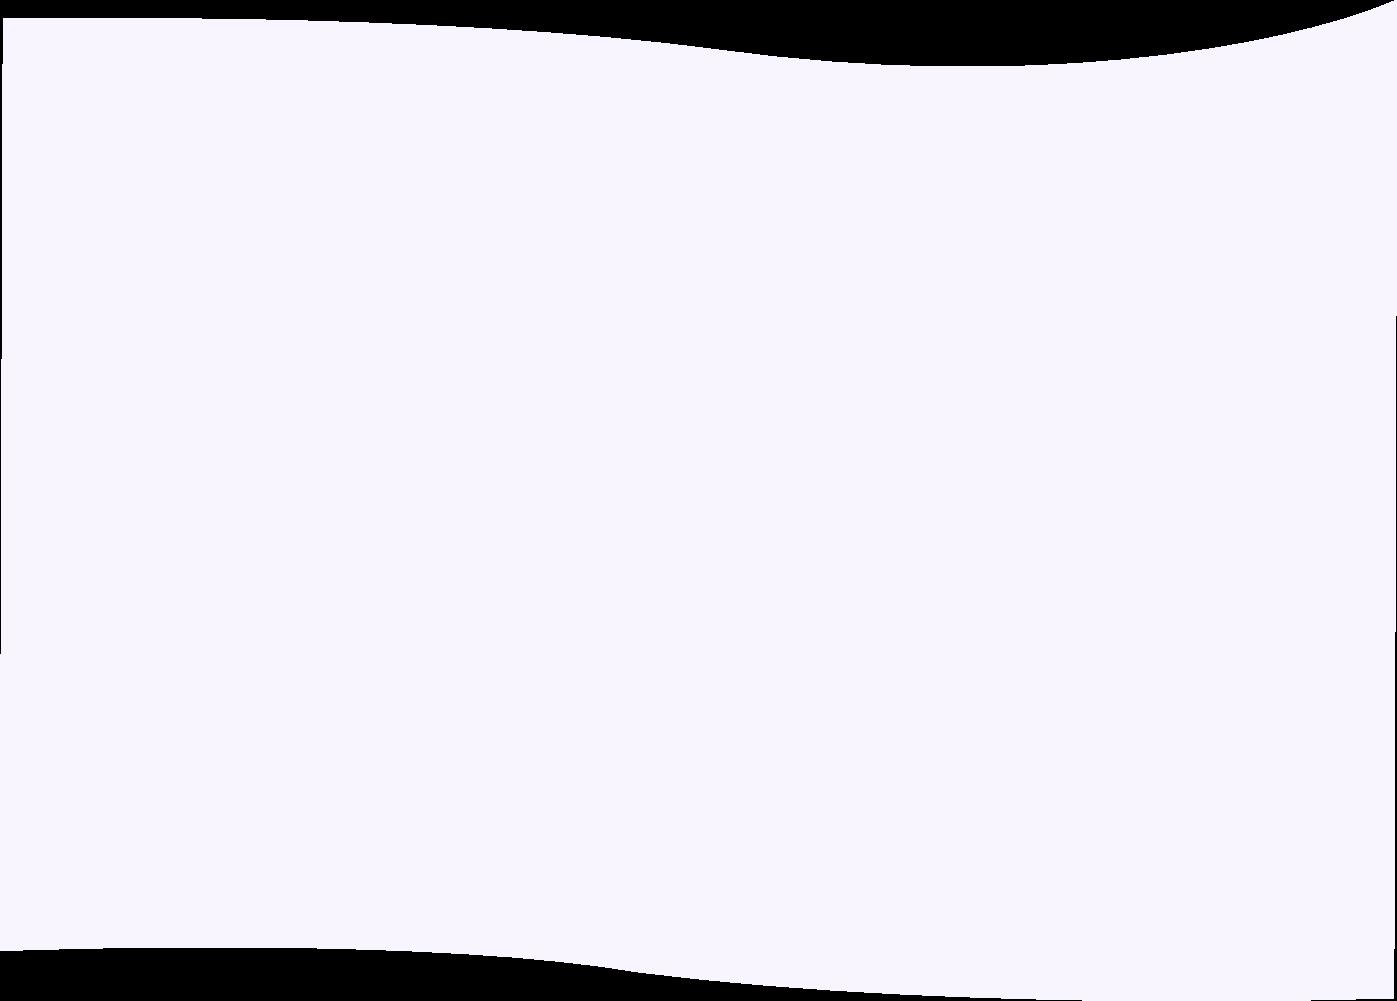 v5-section-bg-3